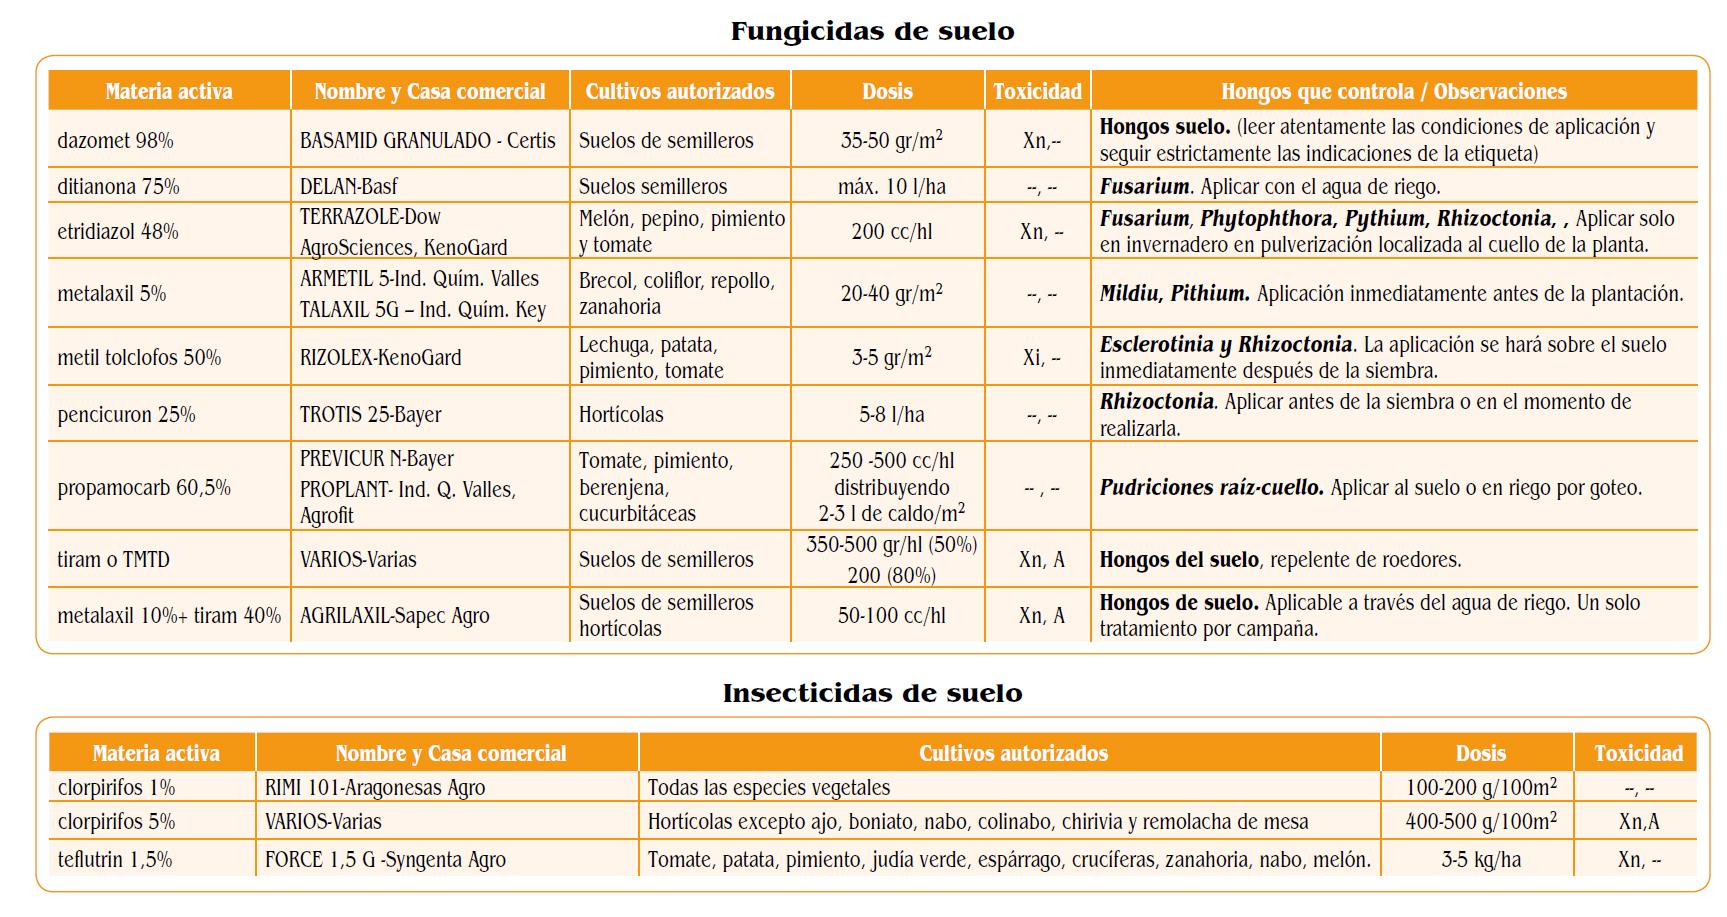 Patata Archives - Página 2 de 4 - www.tecnicoagricola.es